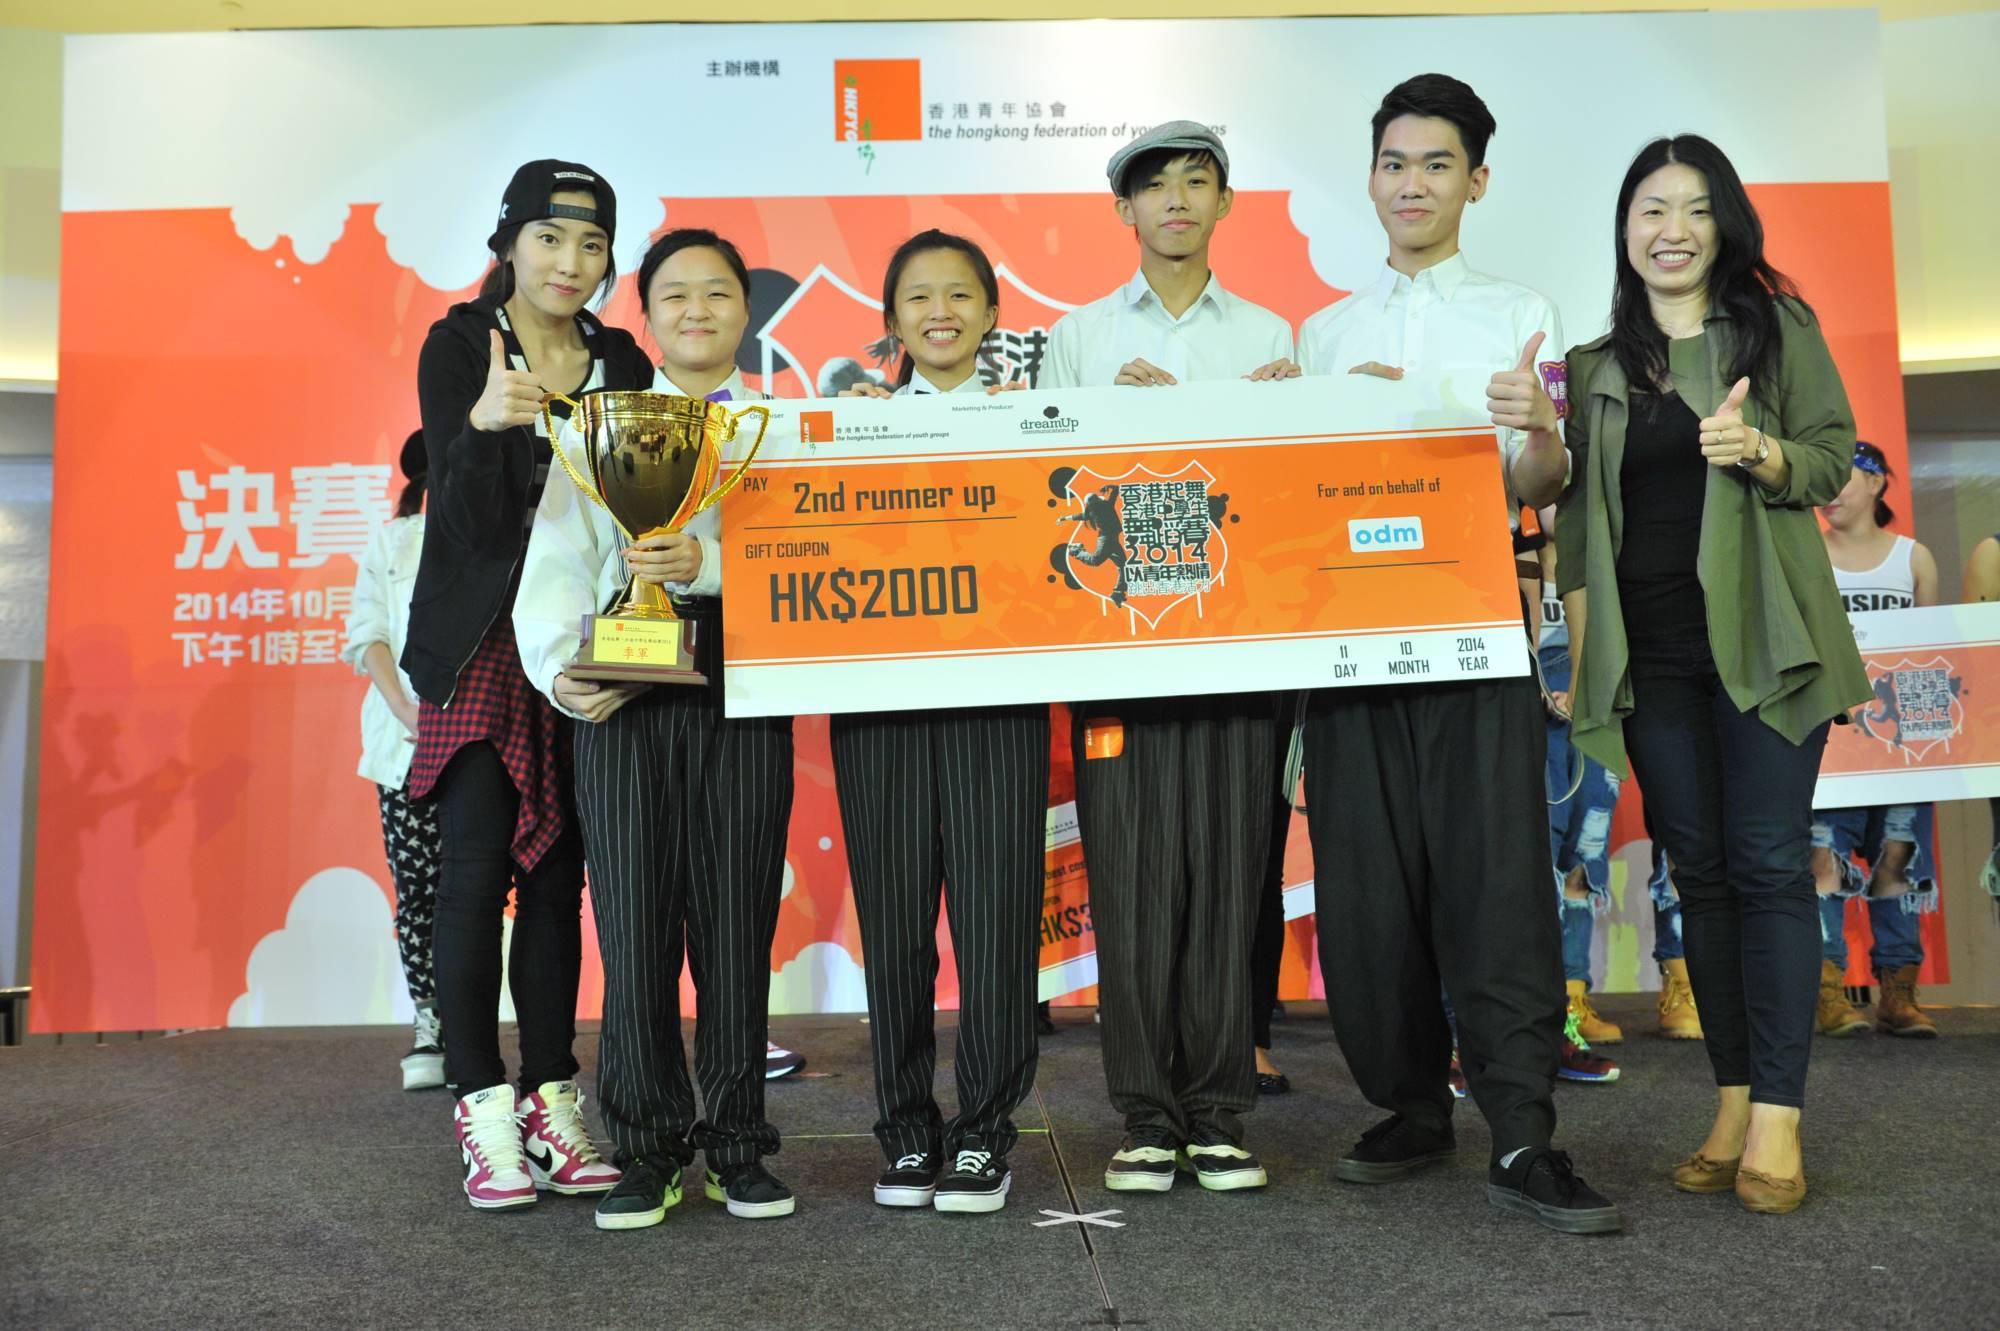 全港中學生舞蹈賽2014得獎隊伍 (5)